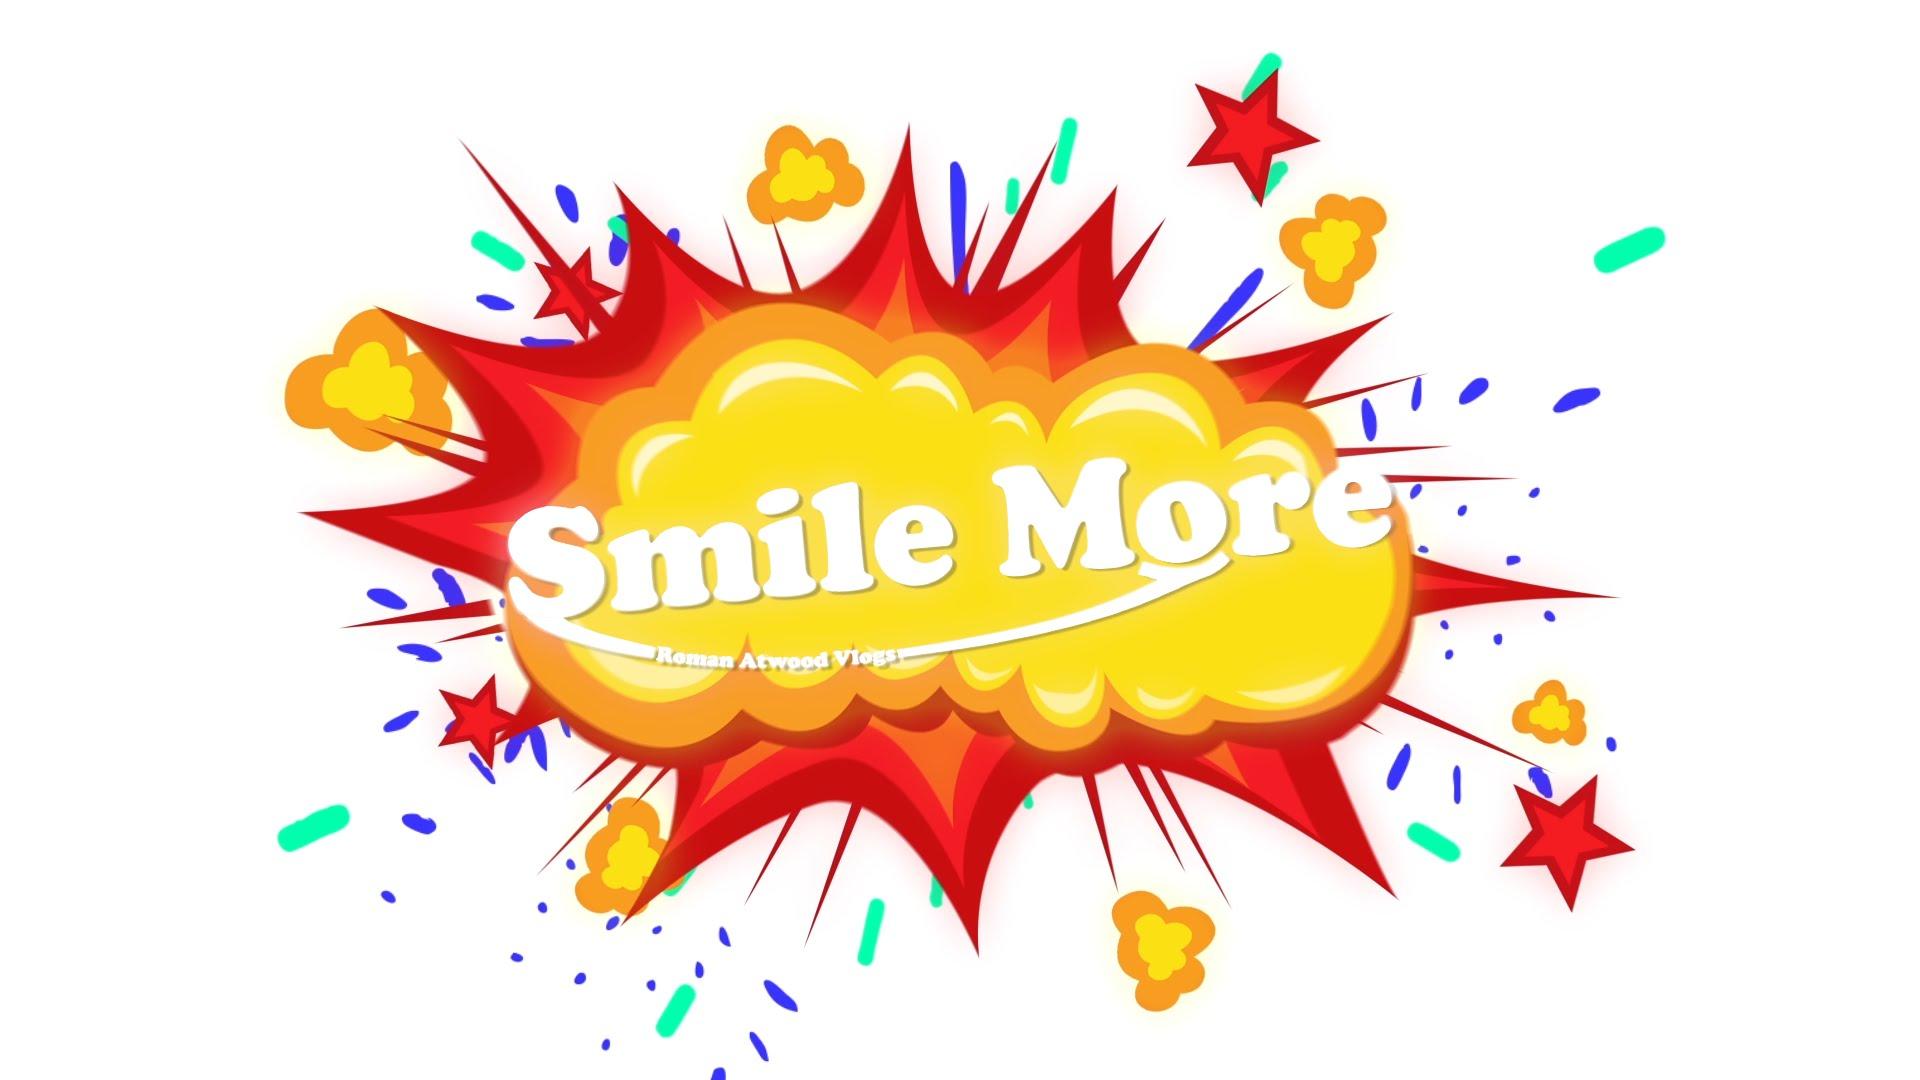 Smile More.